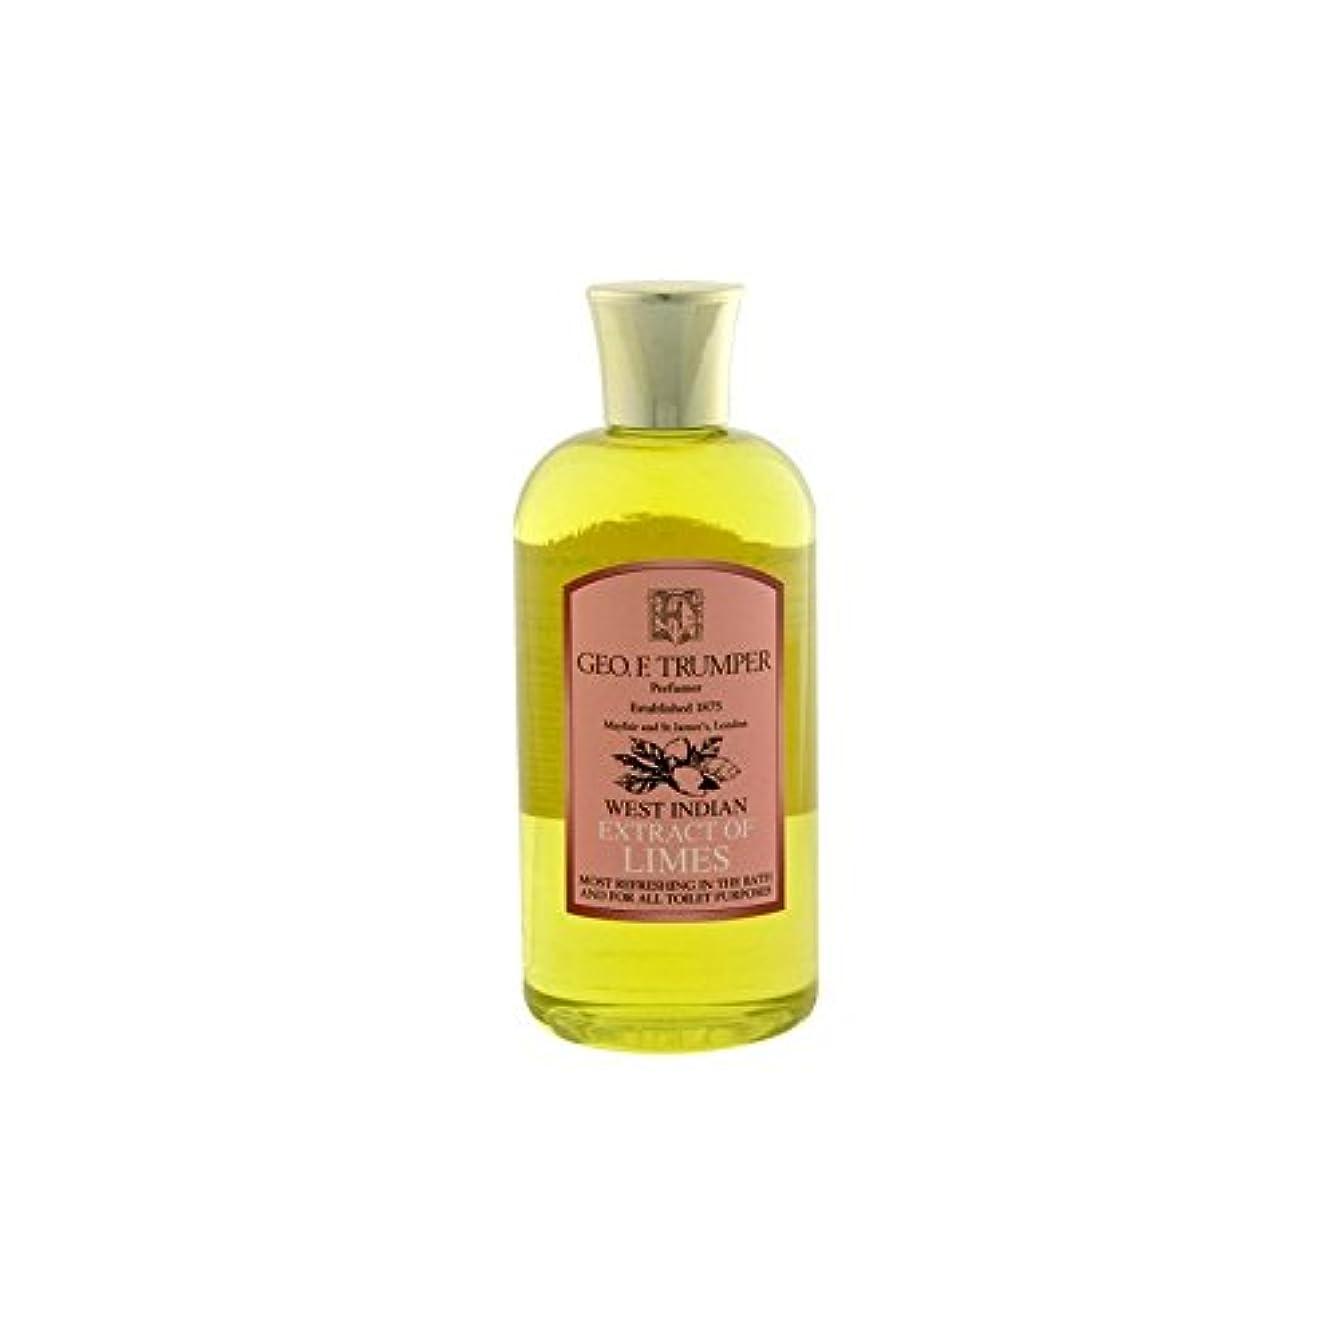 実験グッゲンハイム美術館パラメータライムのバス&シャワージェル - 500ミリリットル旅 x4 - Trumpers Limes Bath & Shower Gel - 500ml Travel (Pack of 4) [並行輸入品]